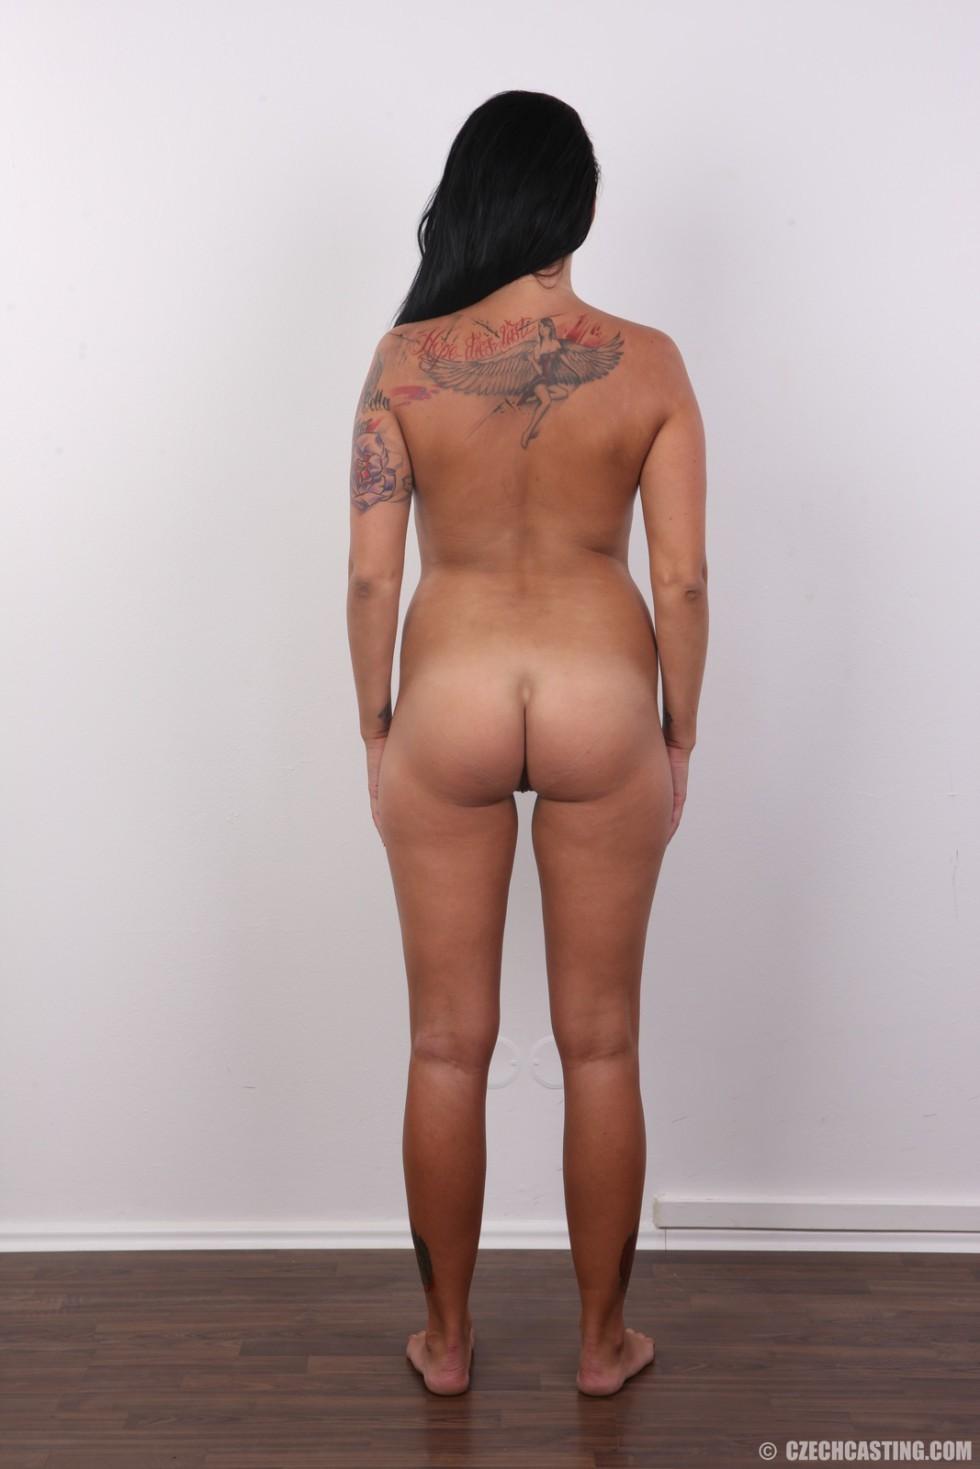 Фигуристые женщины - Галерея № 3479820